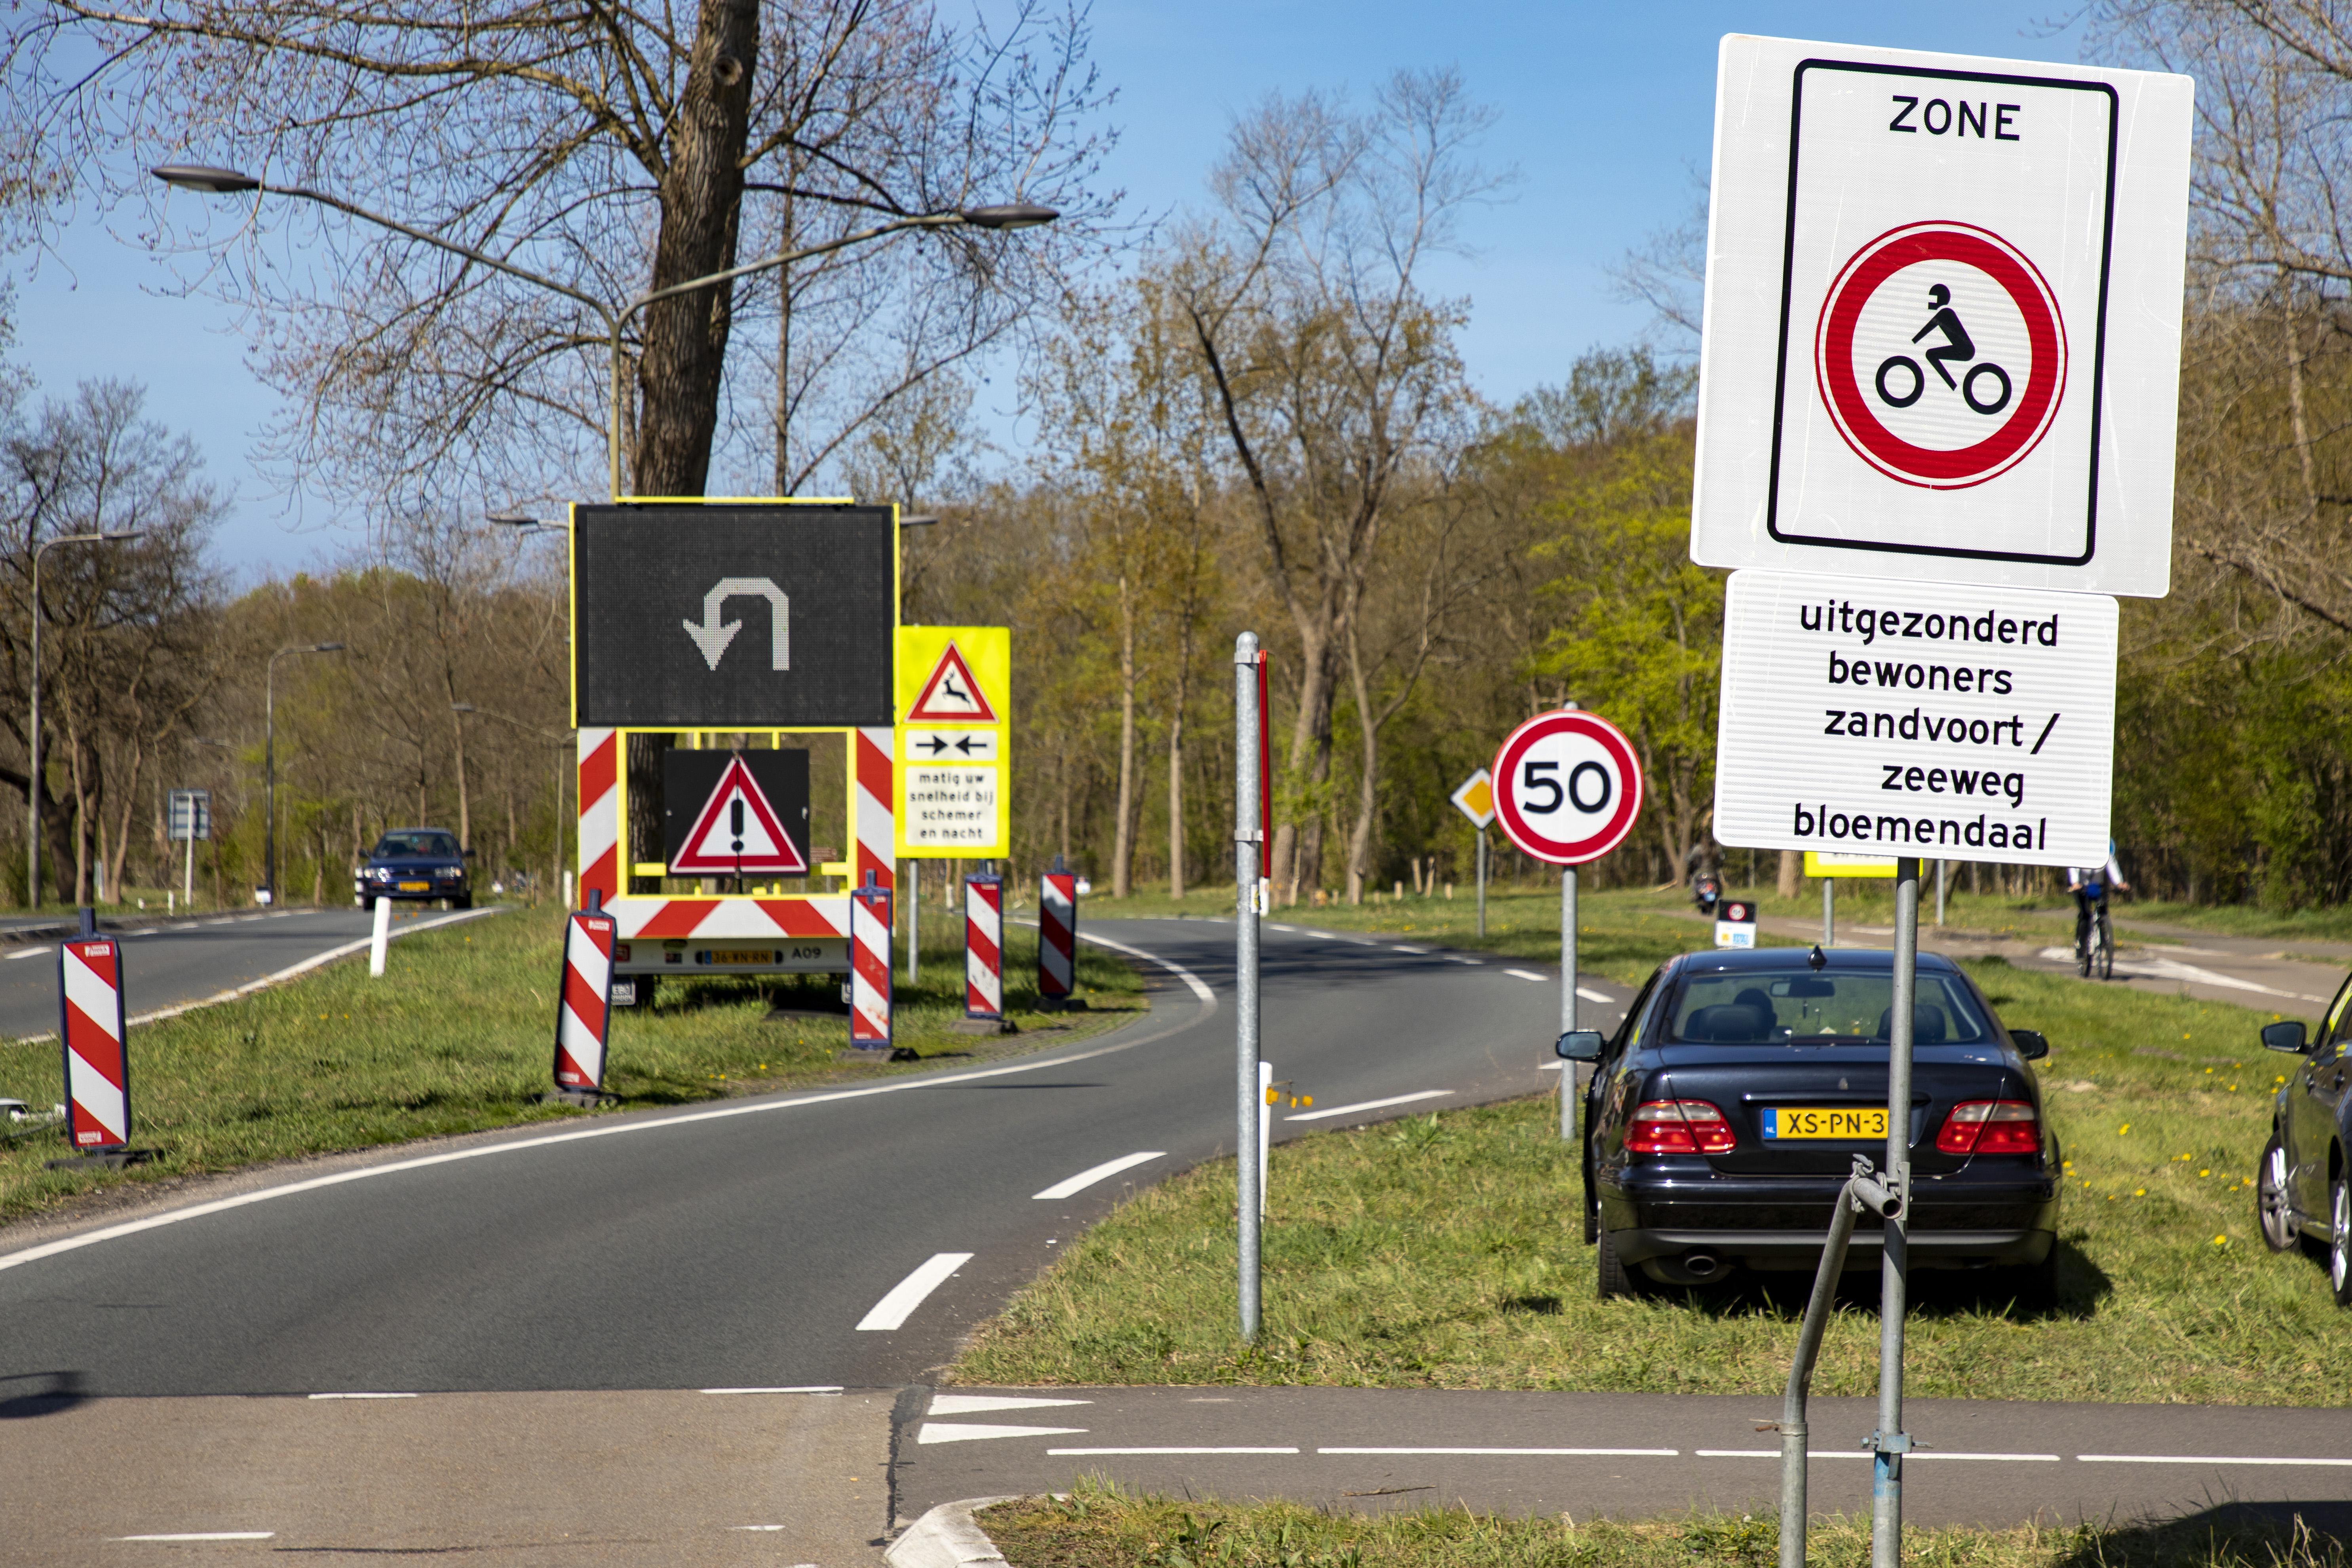 'Geluidsoverlast motorrijders lijkt op lawaai van brulapen.' Omwonenden Zeeweg in Overveen zuchten onder herrie van knaluitlaten